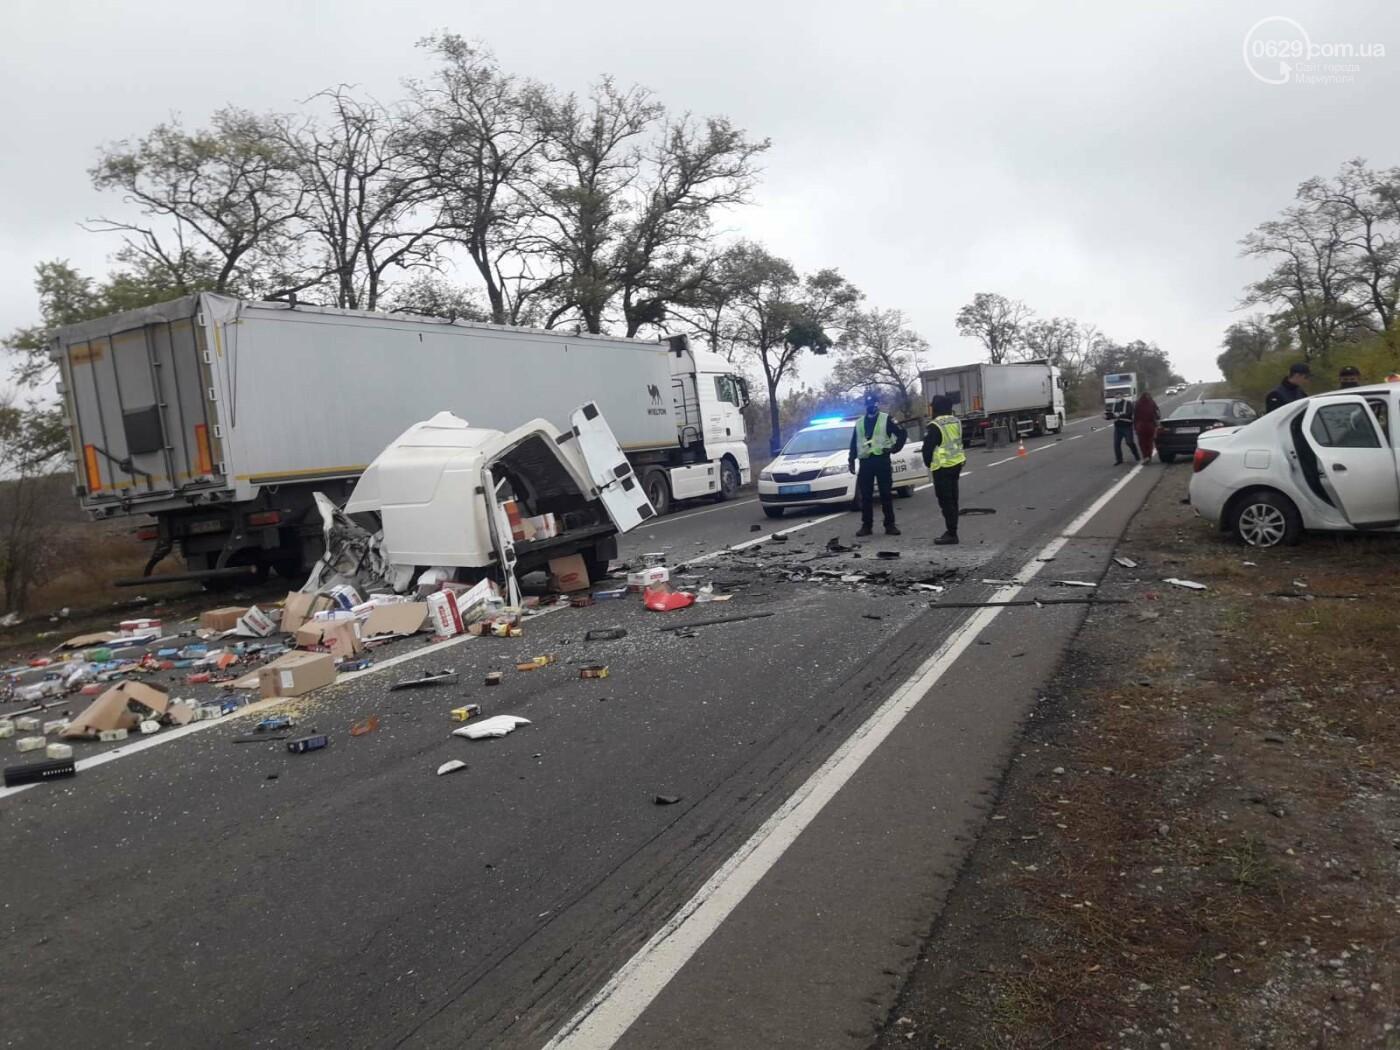 Автомобили вдребезги. В аварии на трассе под Мариуполем погибли два водителя, - ФОТО 18+, фото-9